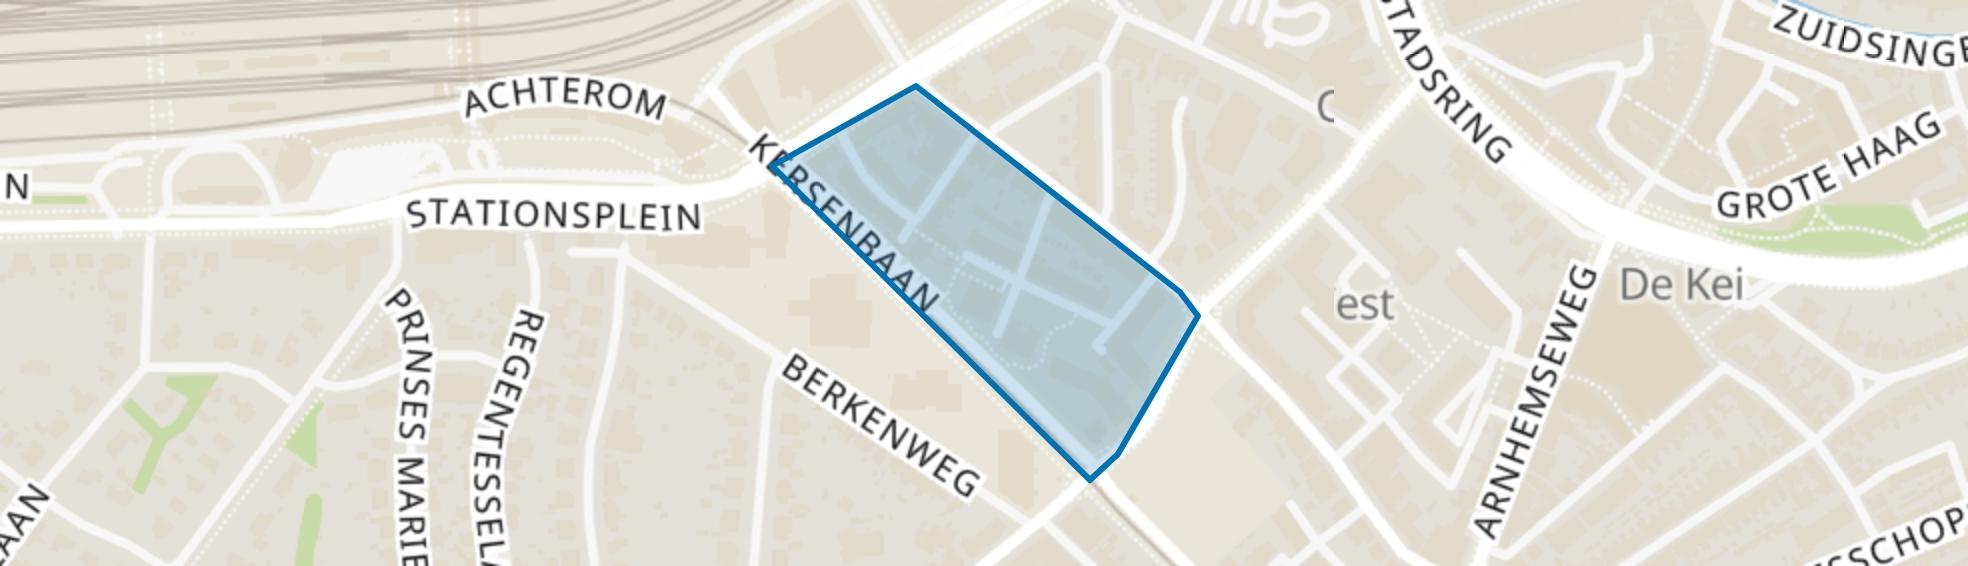 Bloemweg, Amersfoort map